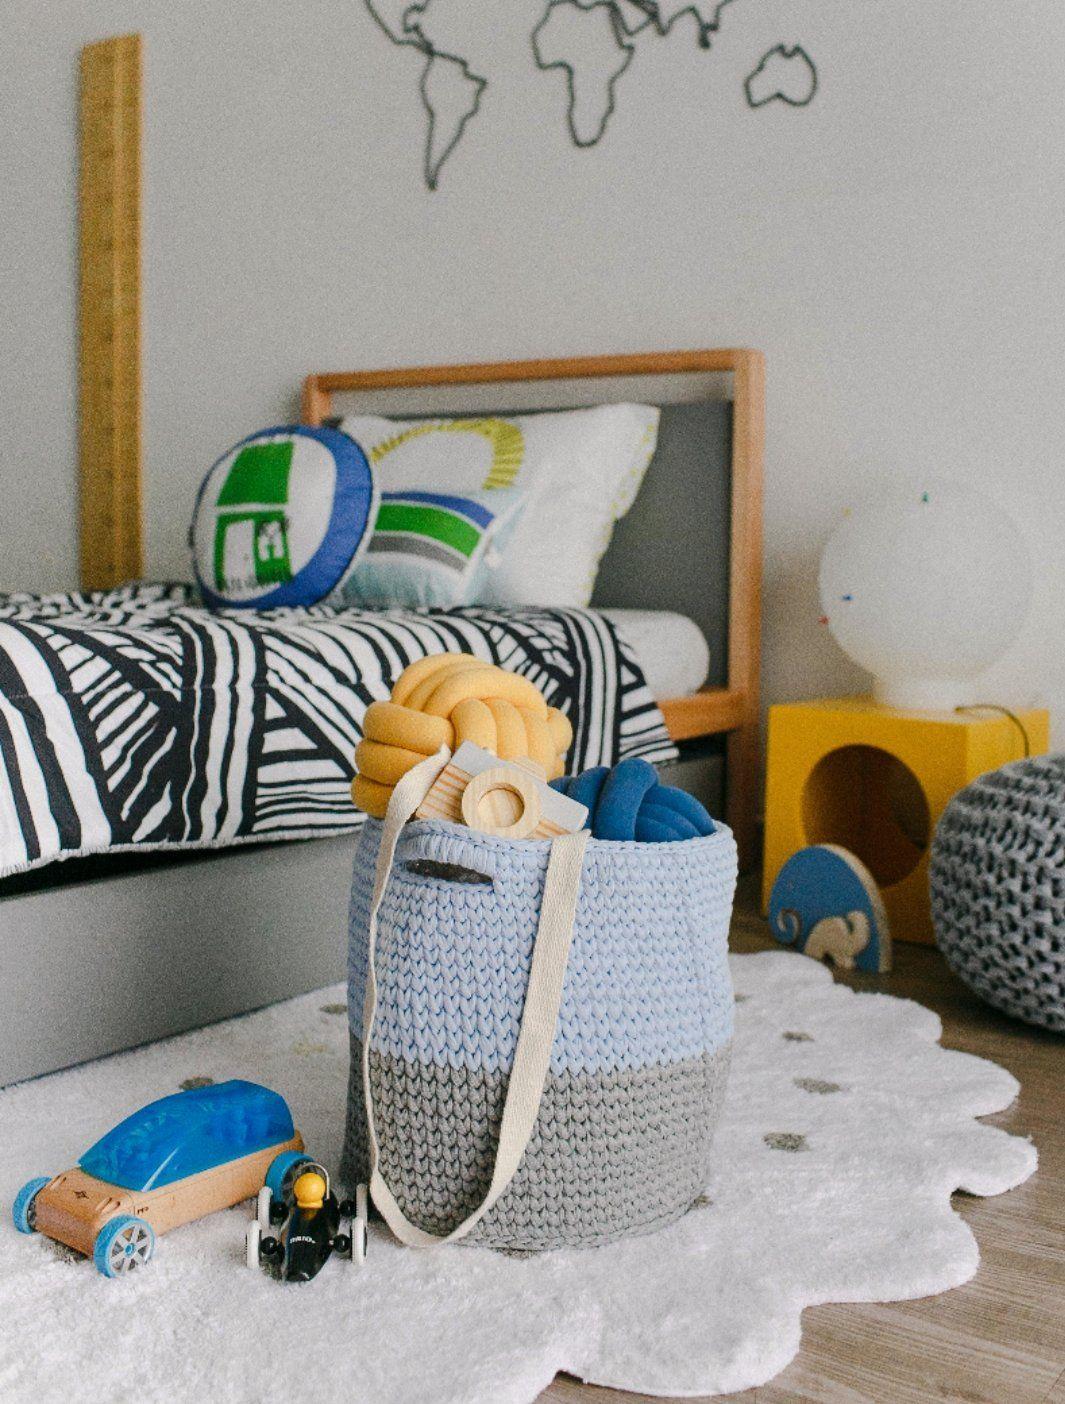 Cesto Organizador em Crochet  - Azul e Cinza